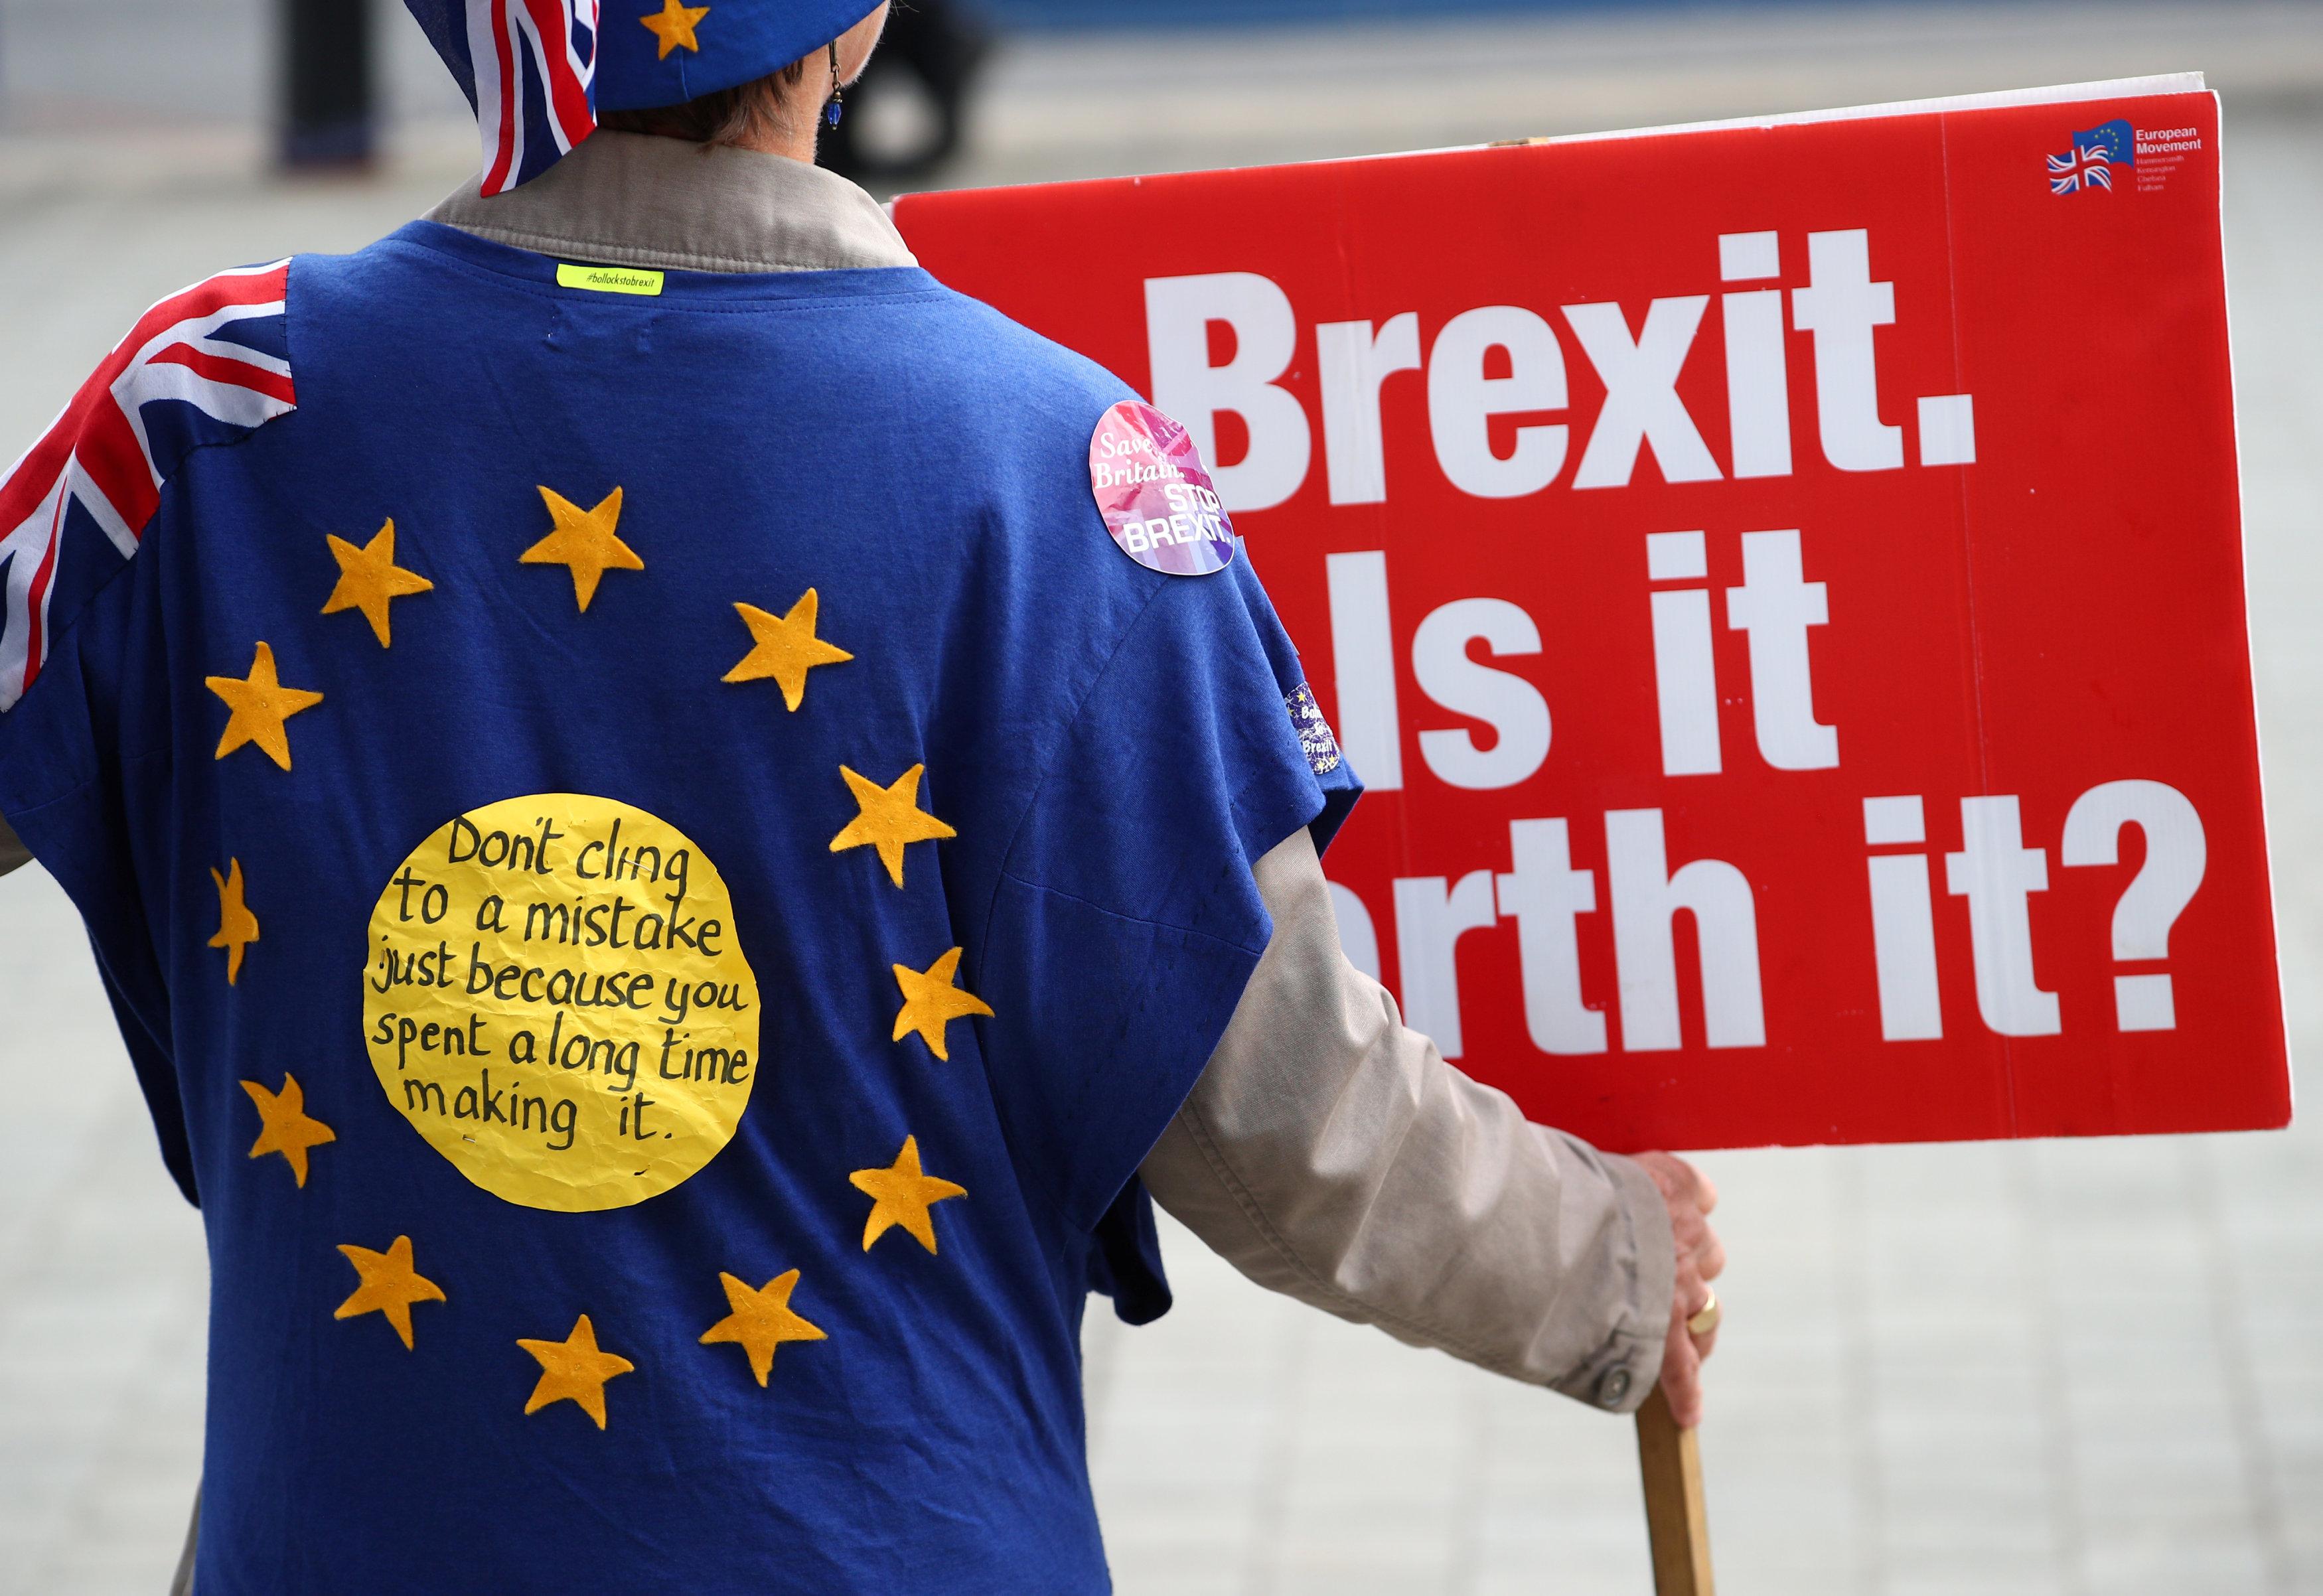 أحد المؤيدين للبقاء فى الاتحاد الأوروبى